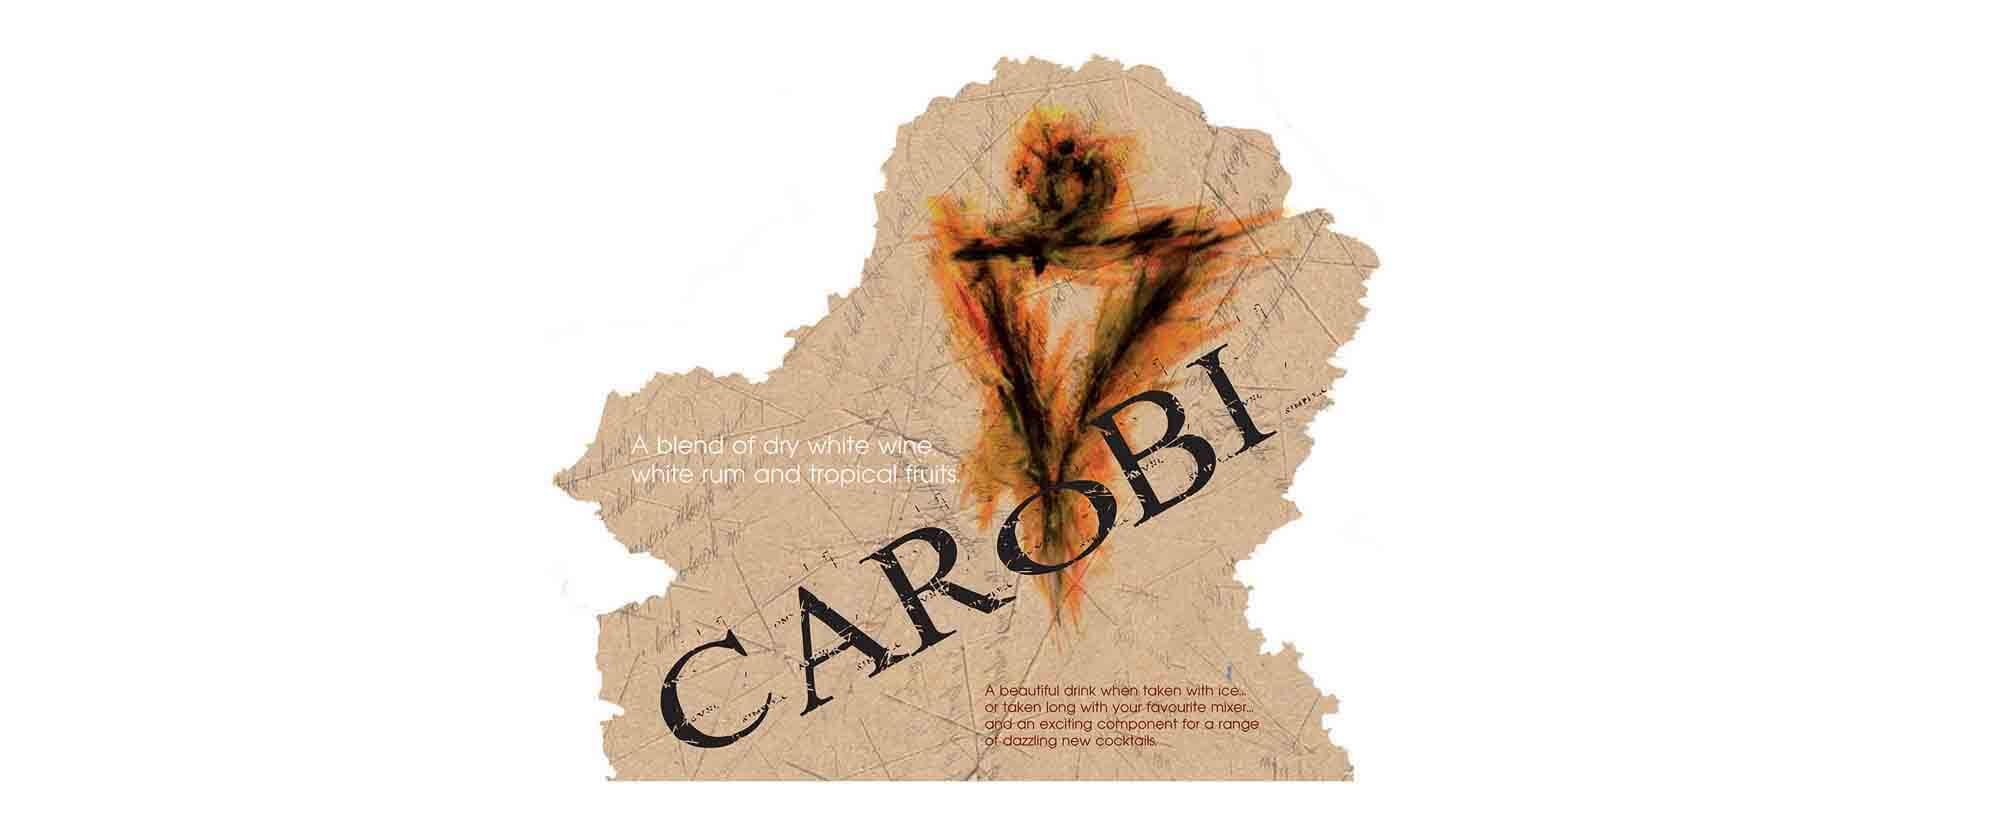 Carobi logo and brand design